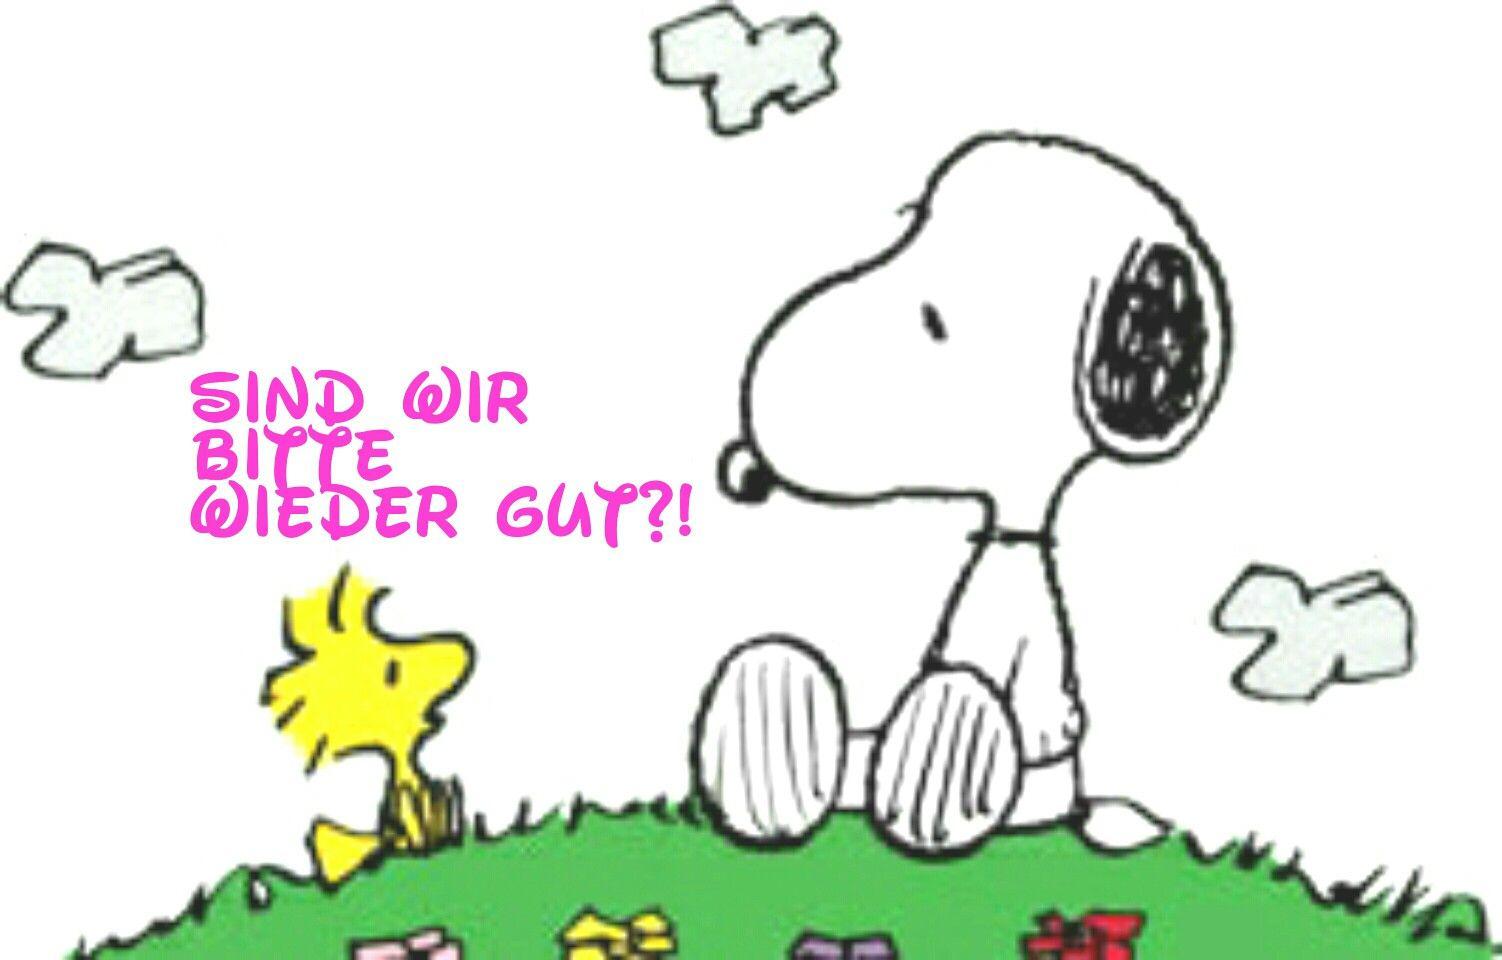 Sind Wir Bitte Wieder Gut Snoopy Bilder Guten Morgen Gruss Guten Morgen Lustig